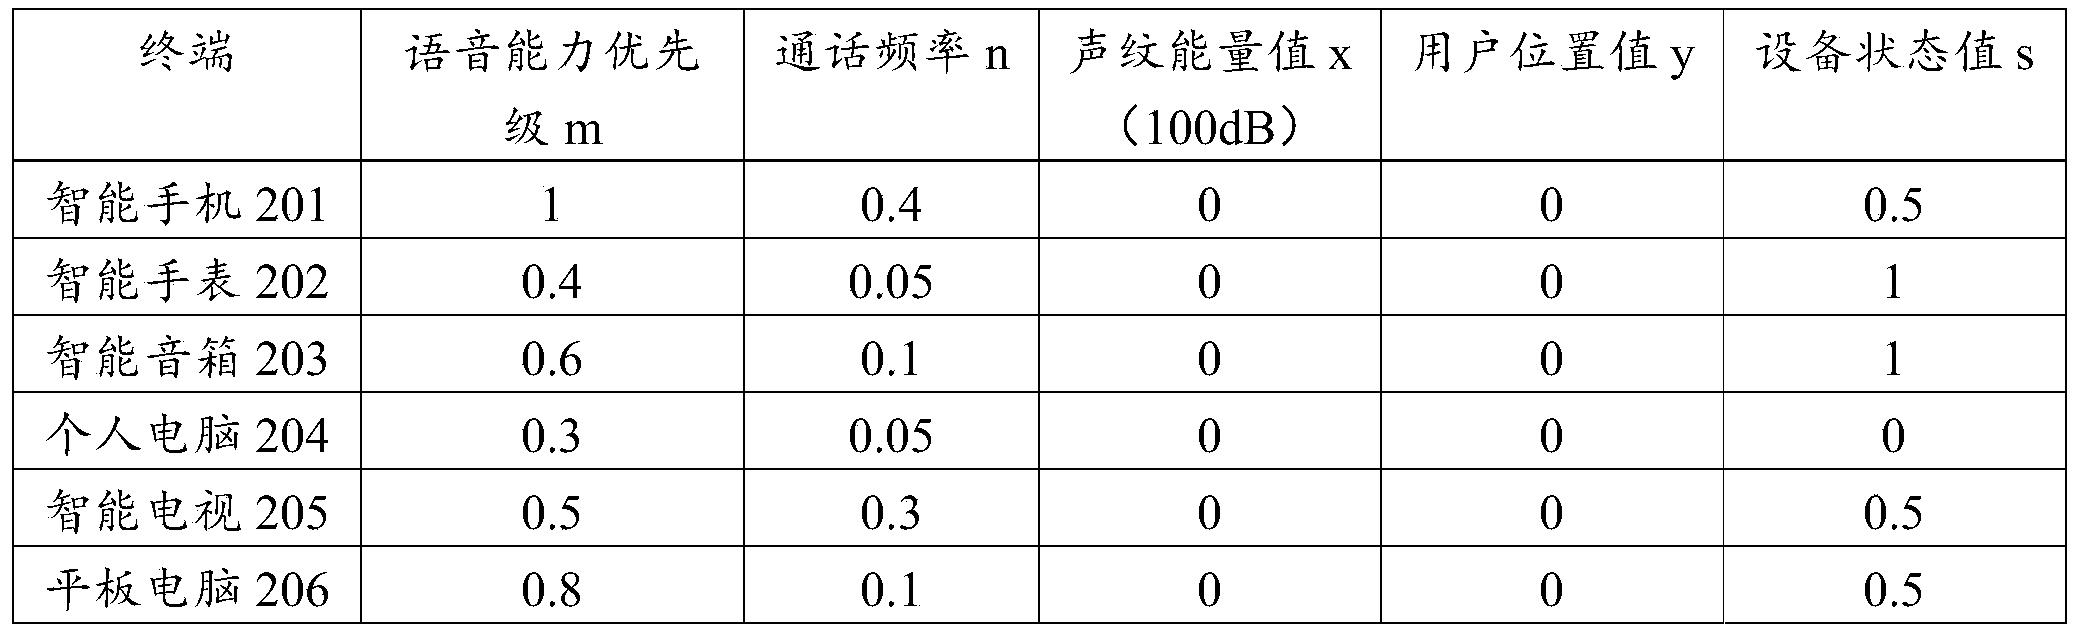 Figure PCTCN2020095751-appb-000002